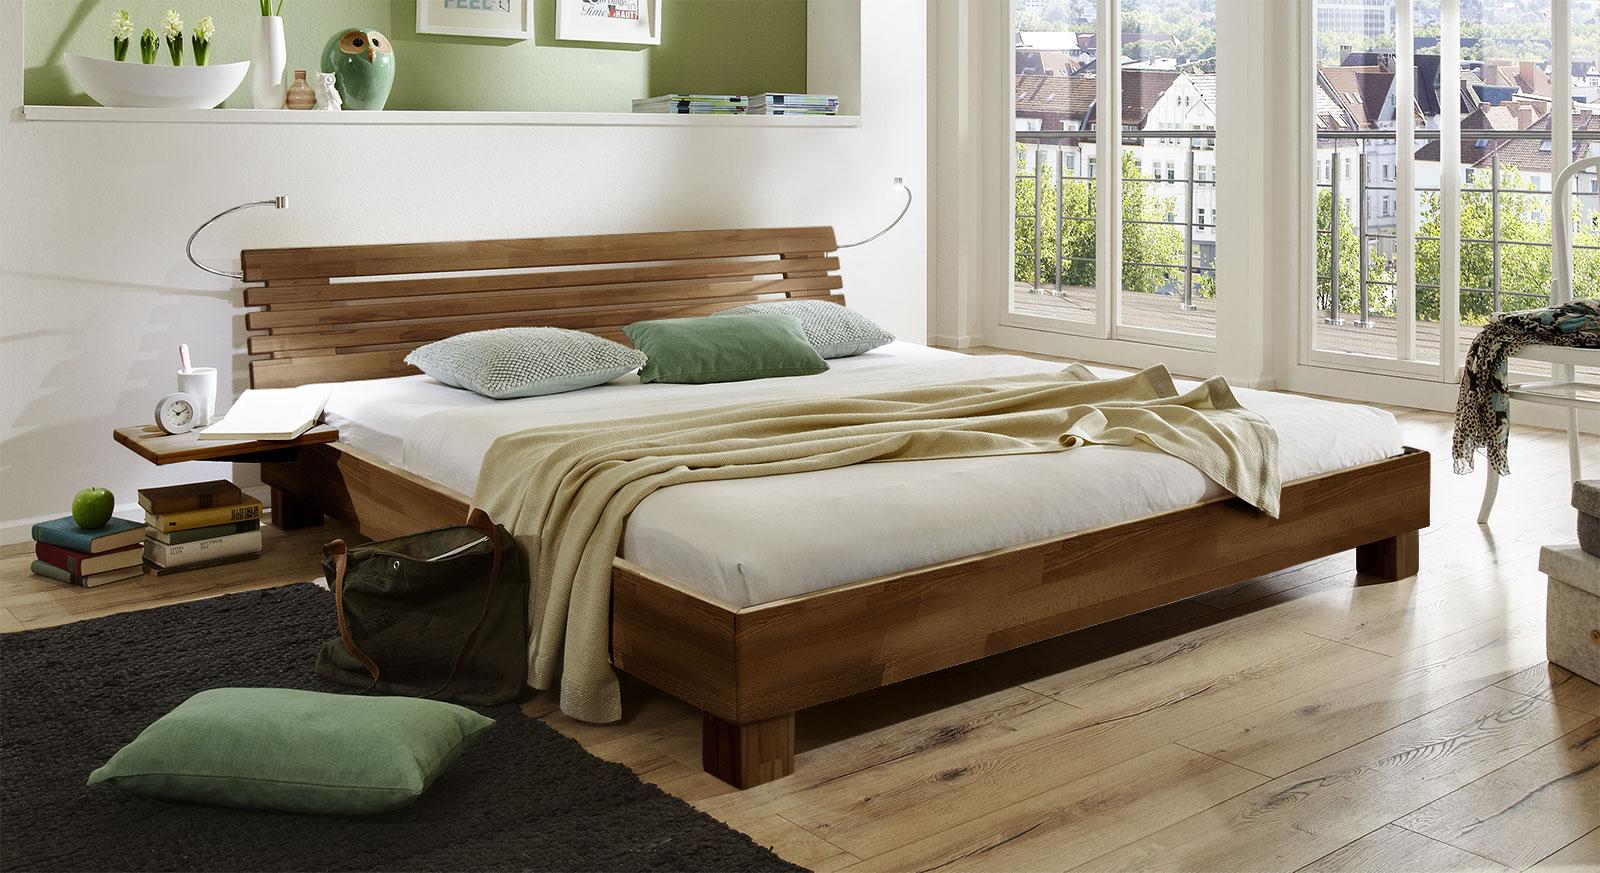 Bett Marmore aus Massivholz in Buche nussbaumfarben